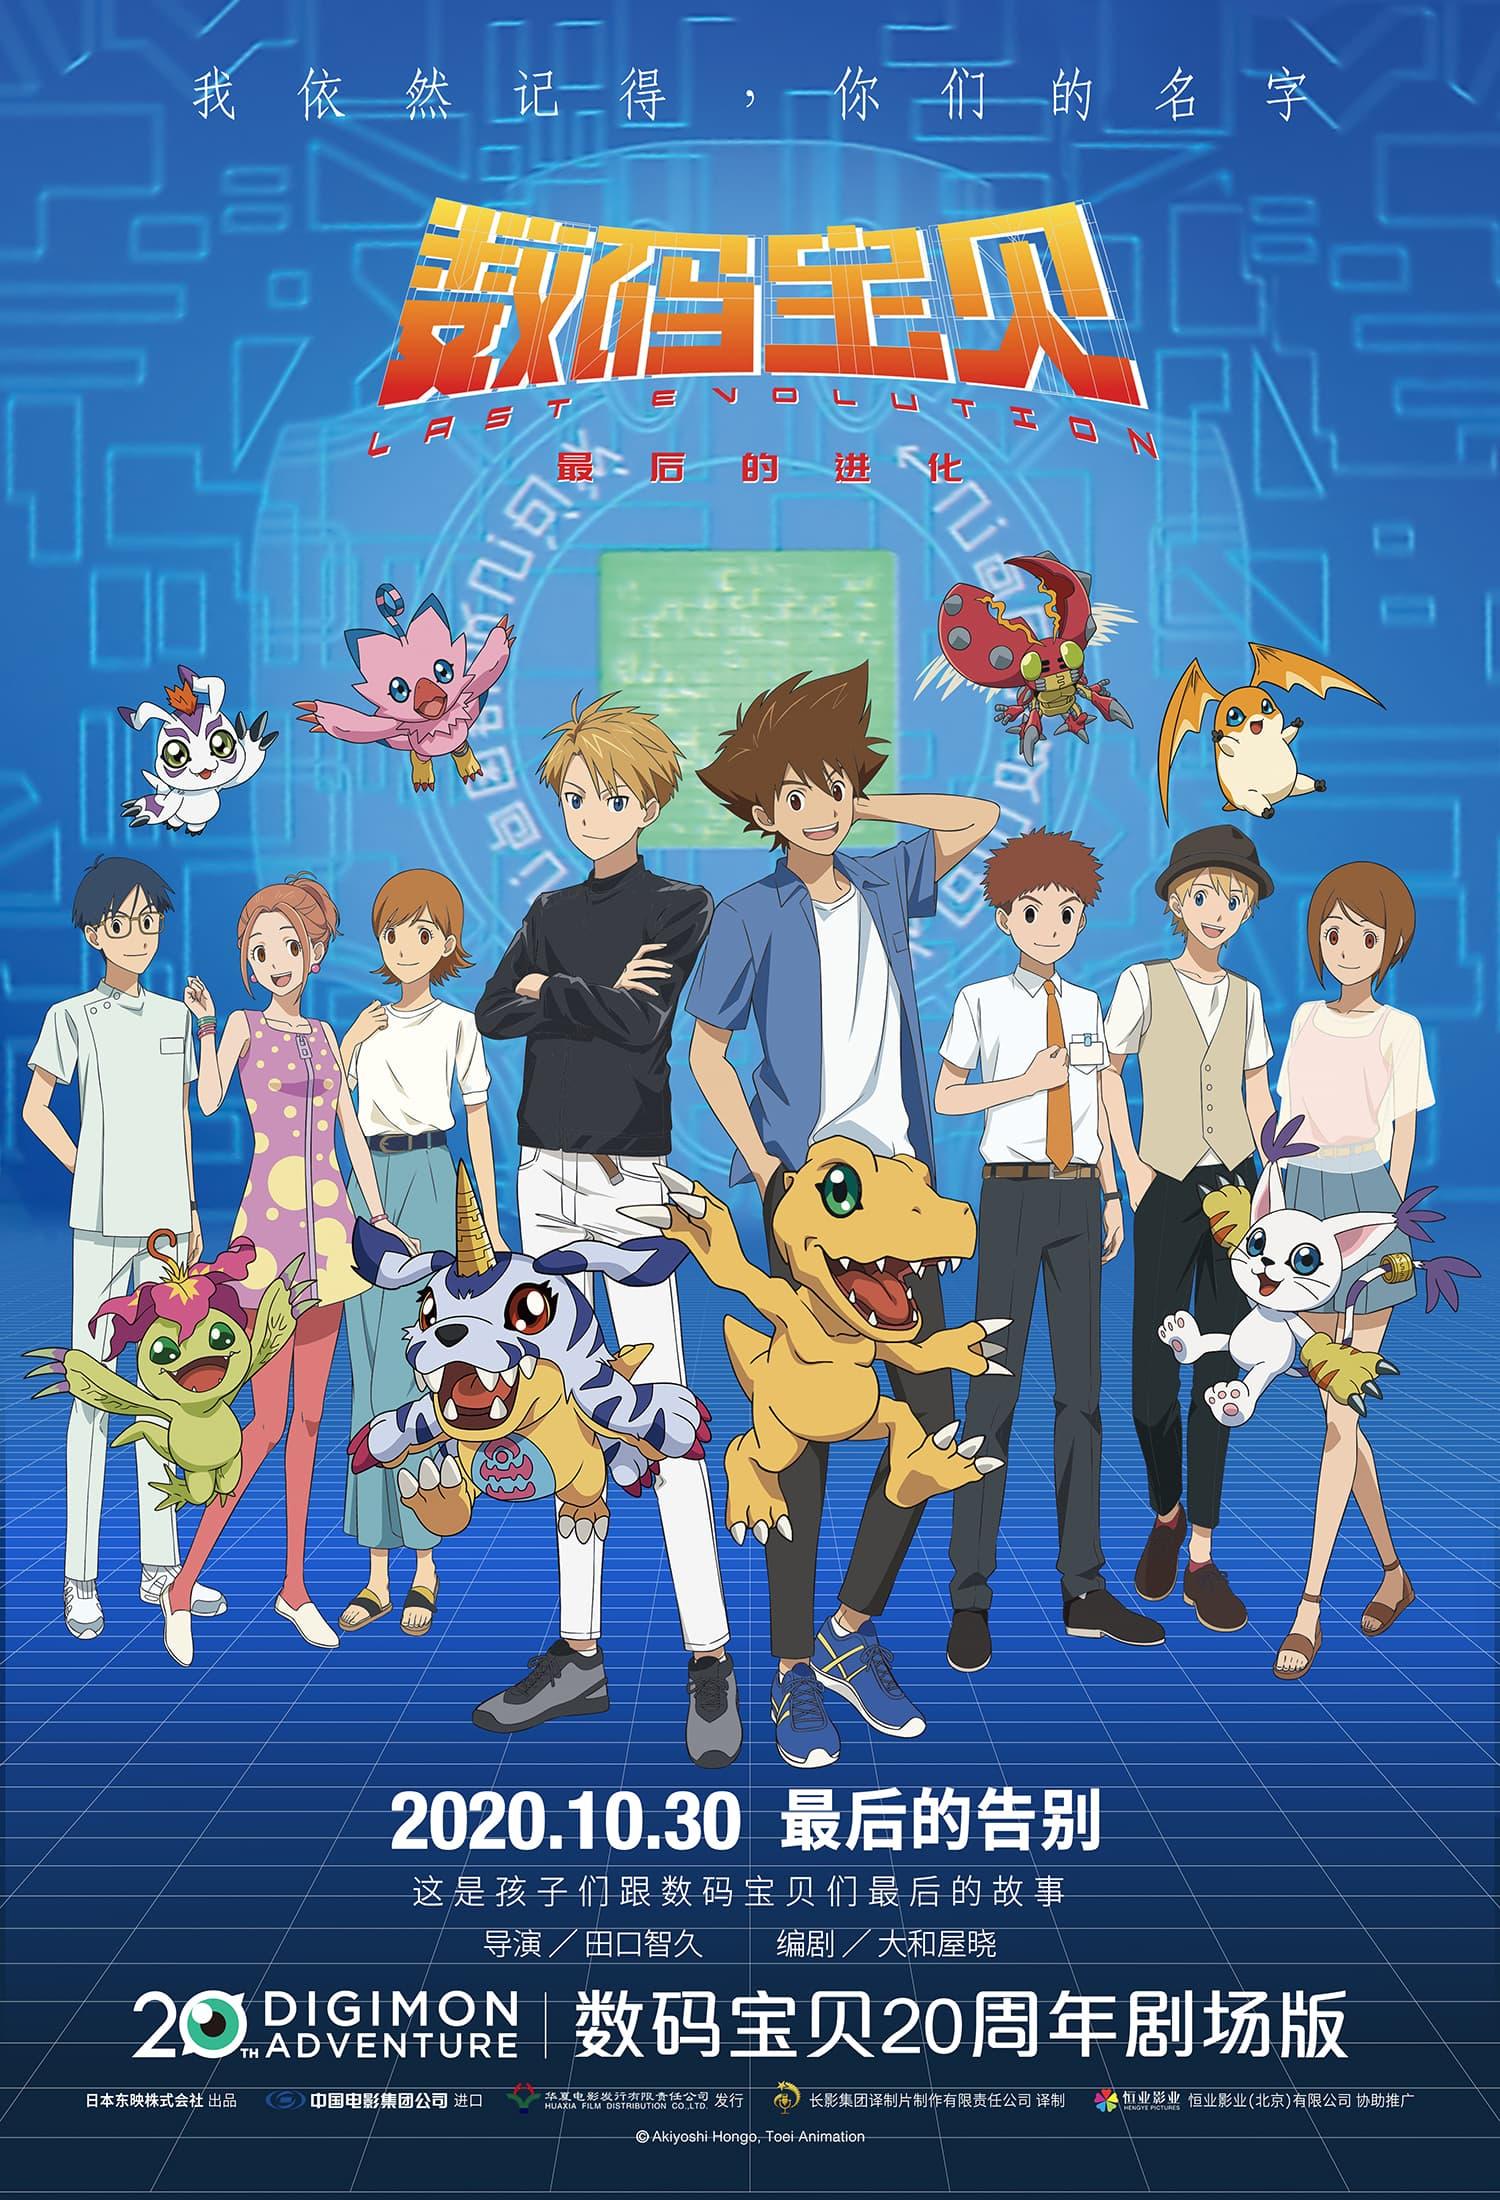 《数码宝贝:最后的进化》发布中国专属定档海报 10月30日全国上映